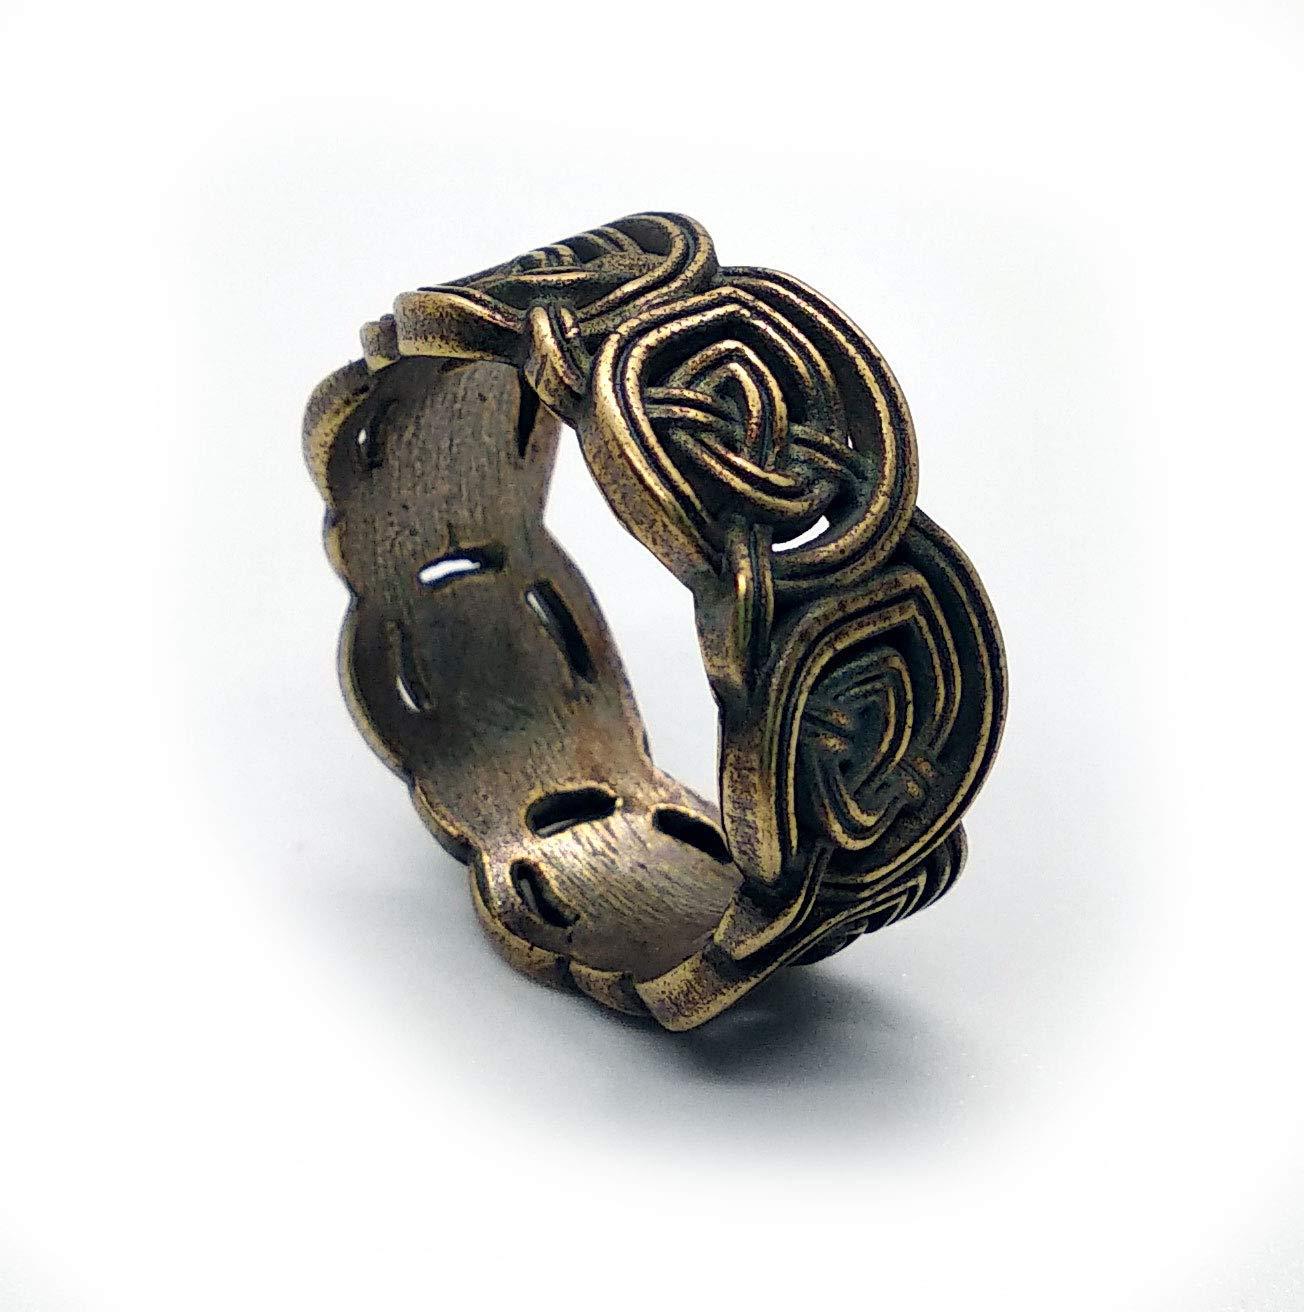 Size 10 Celtic knot brass ring